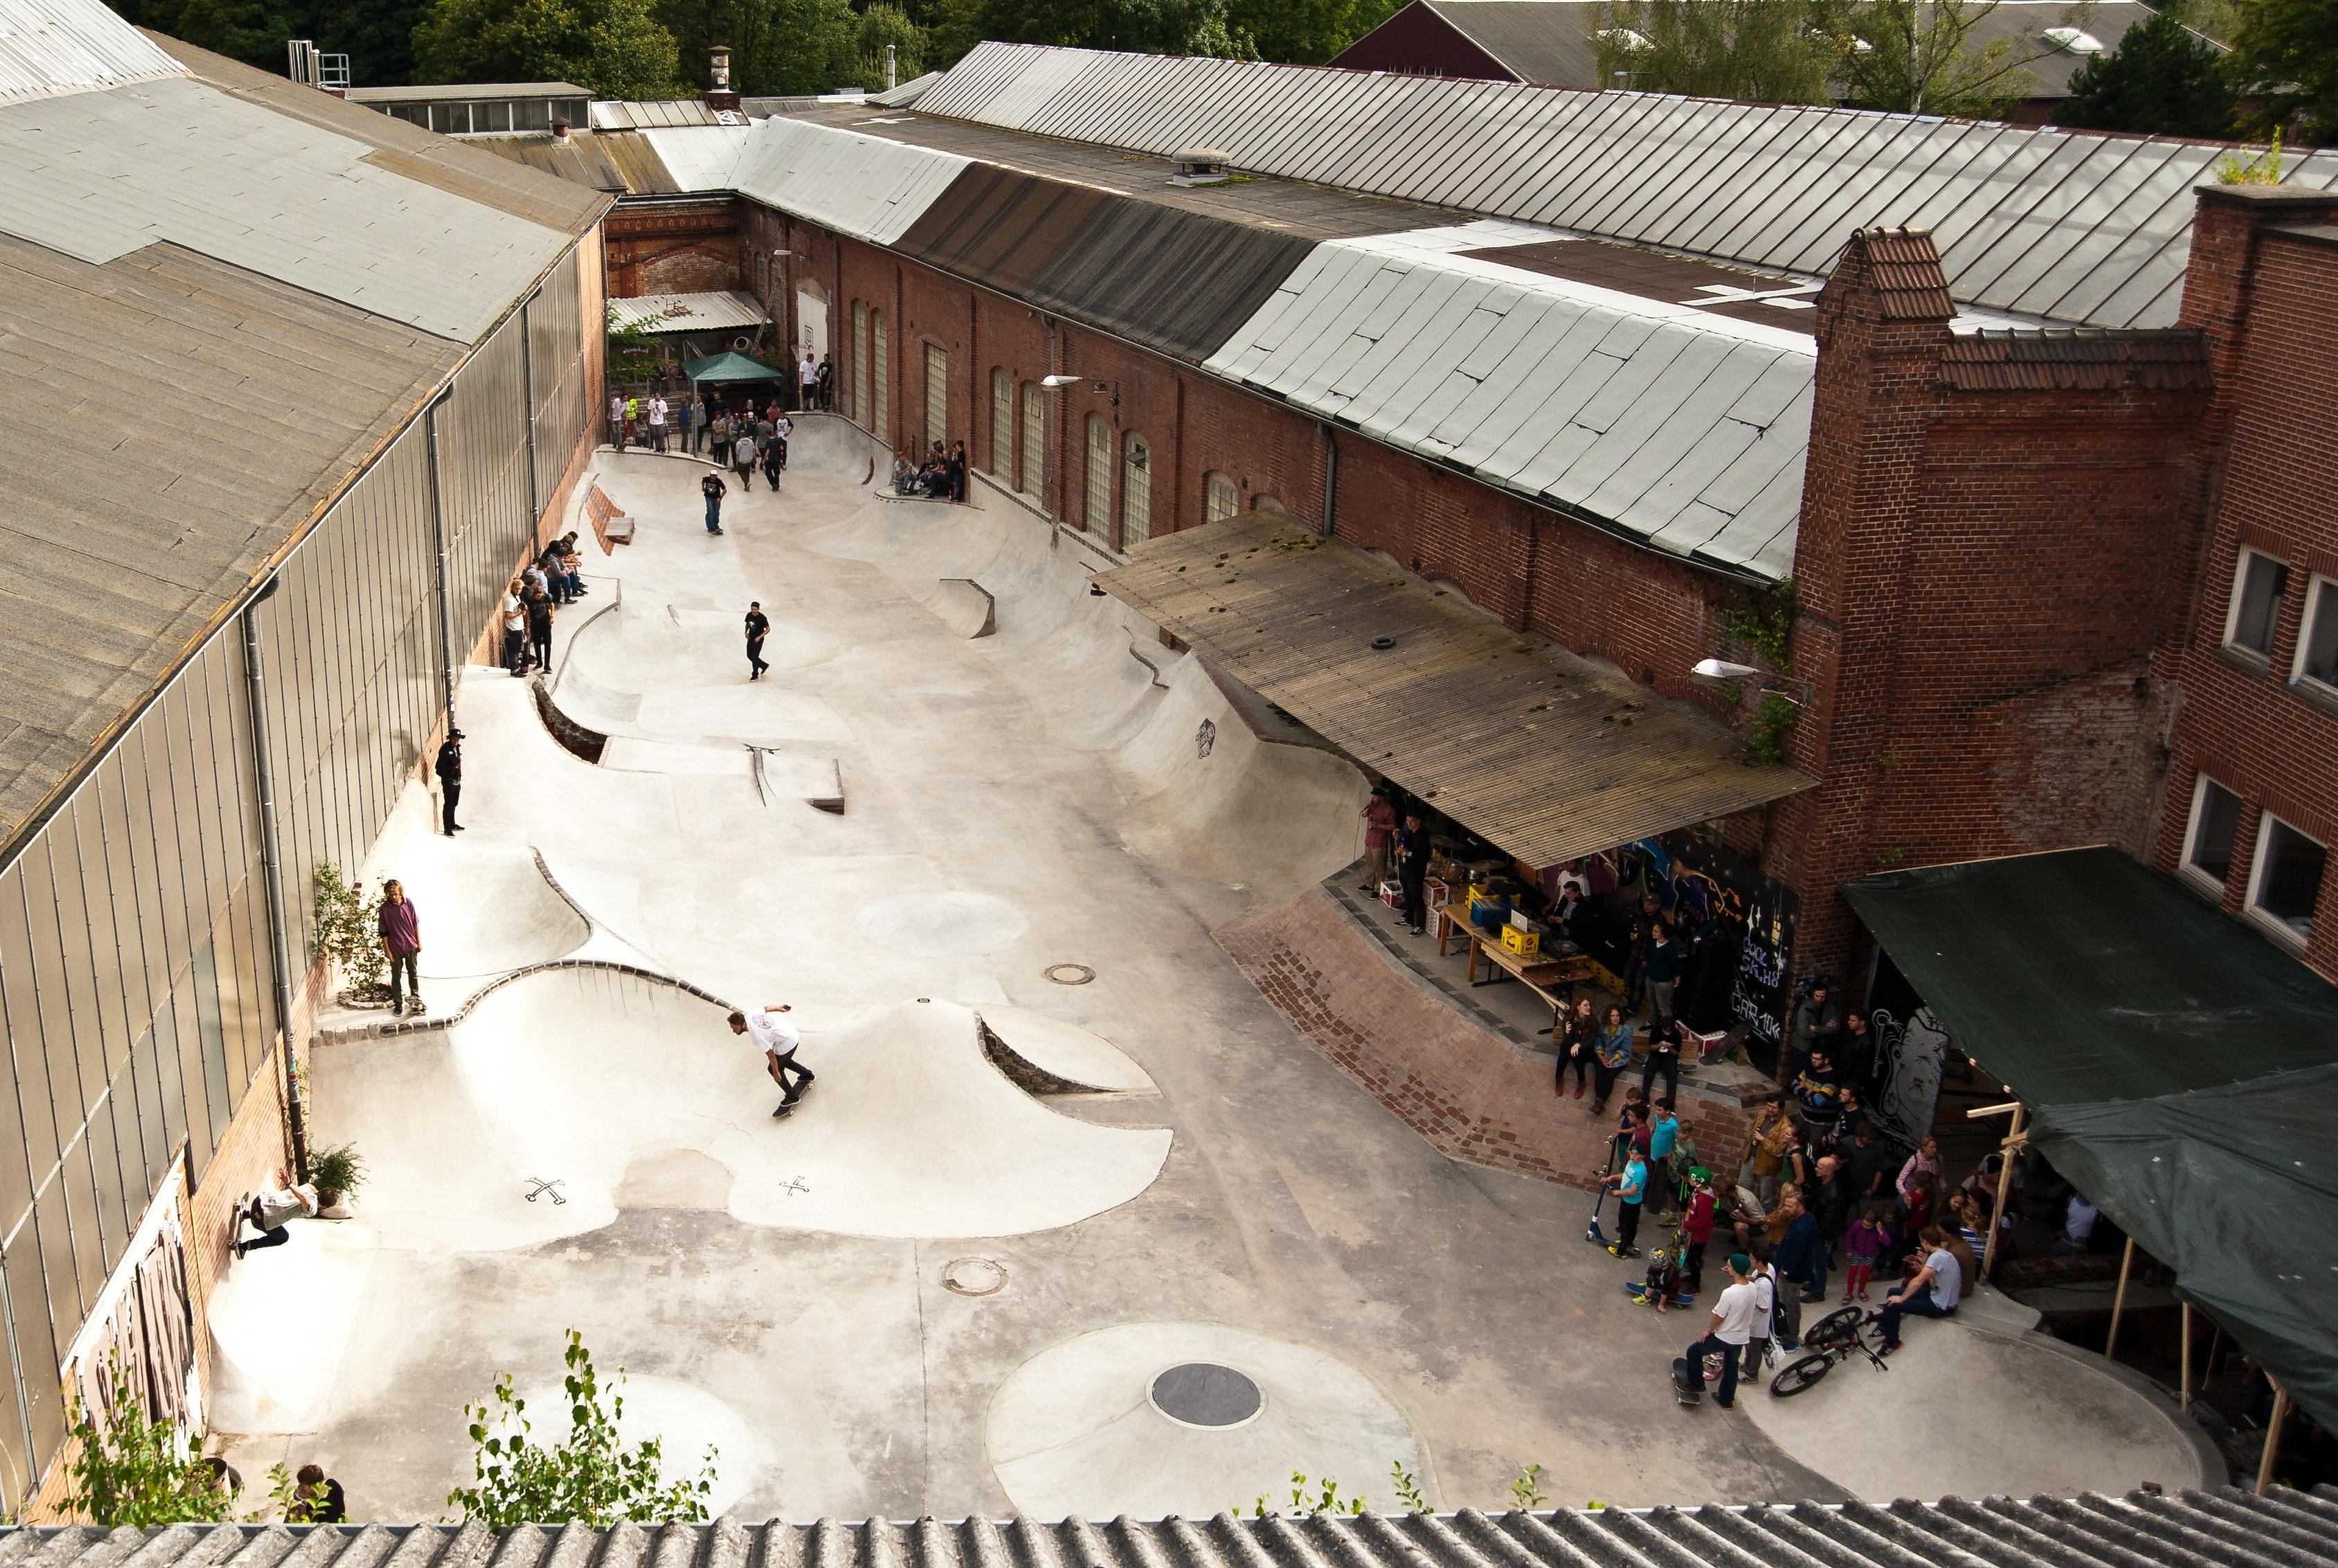 Mr. Wilson DIY Skatepark